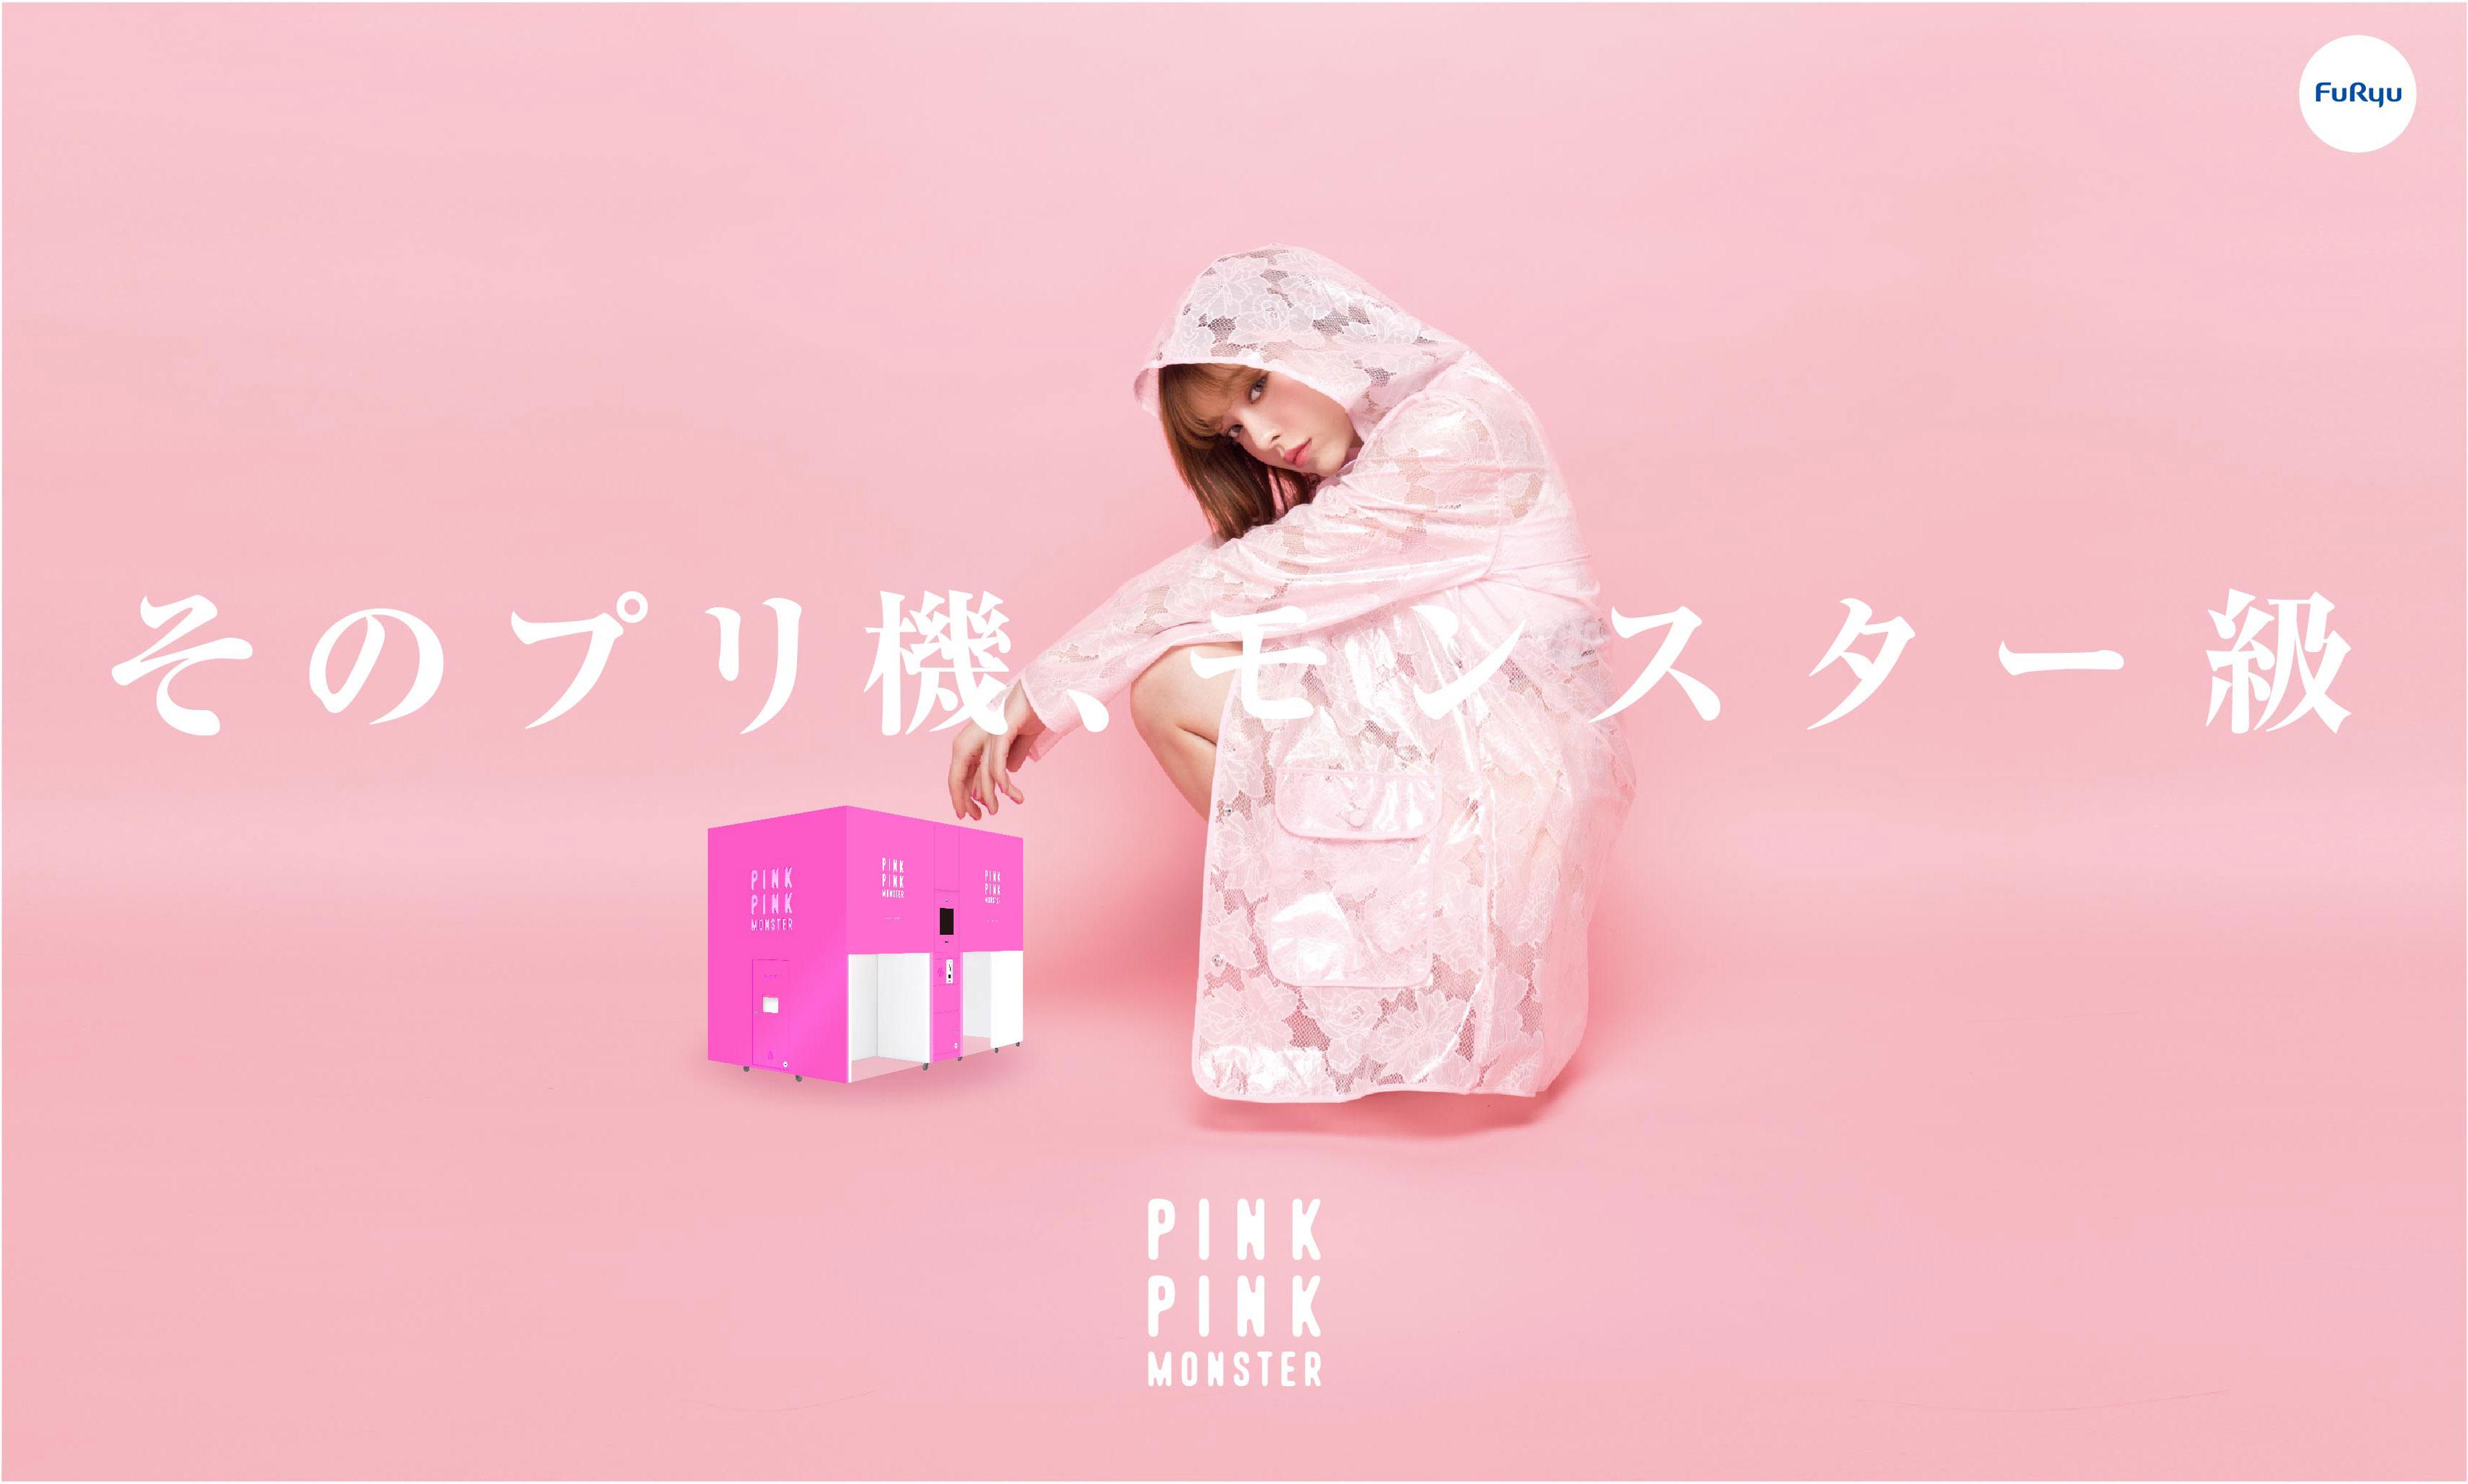 『ピンモン』ビジュアルイメージ